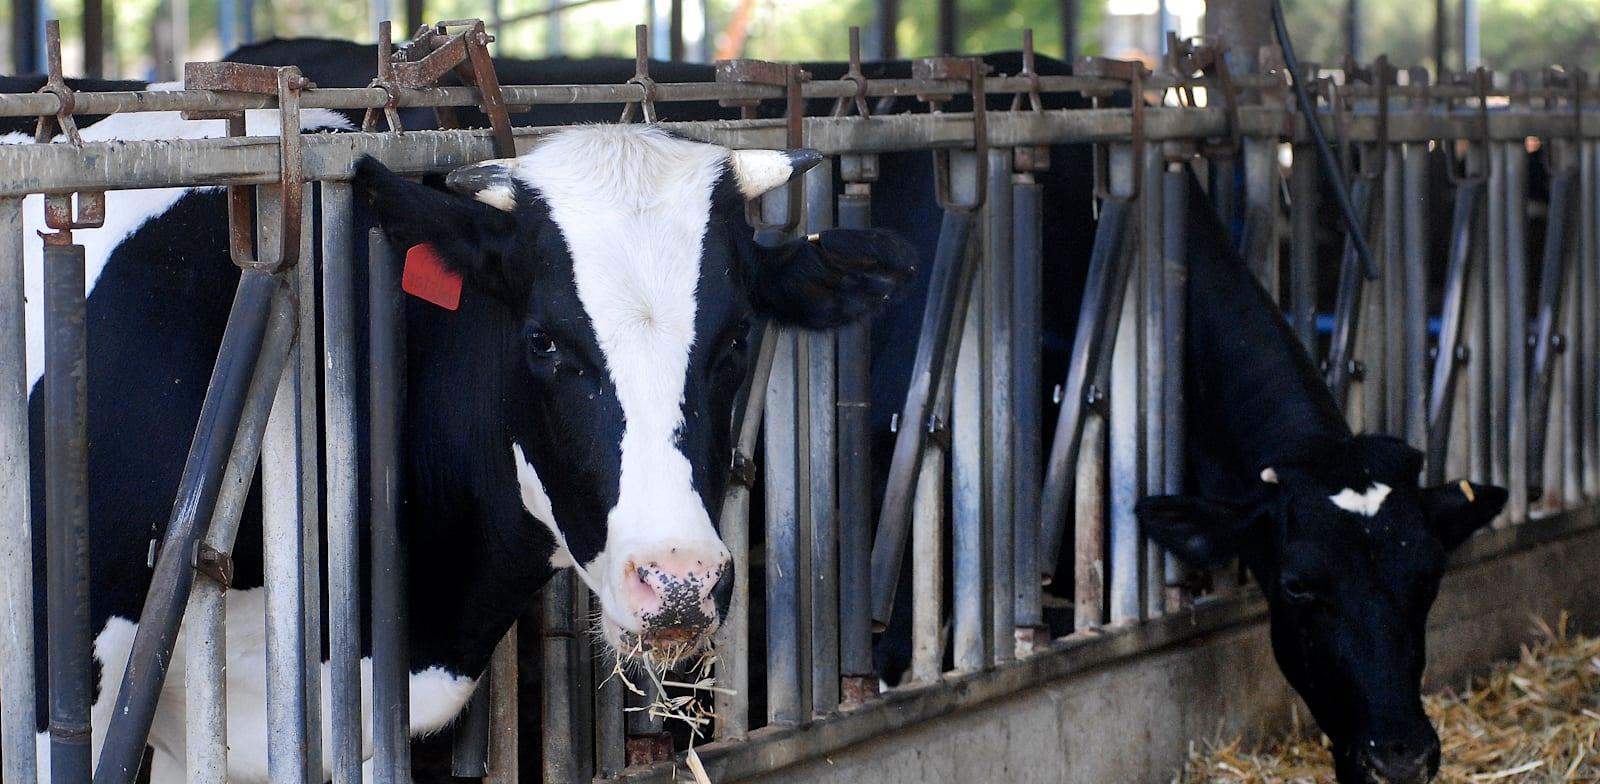 פרות ברפת. משרד החלקאות מצוי בניגוד ענייניים בנושא זכויות חיות המשק / צילום: איל יצהר